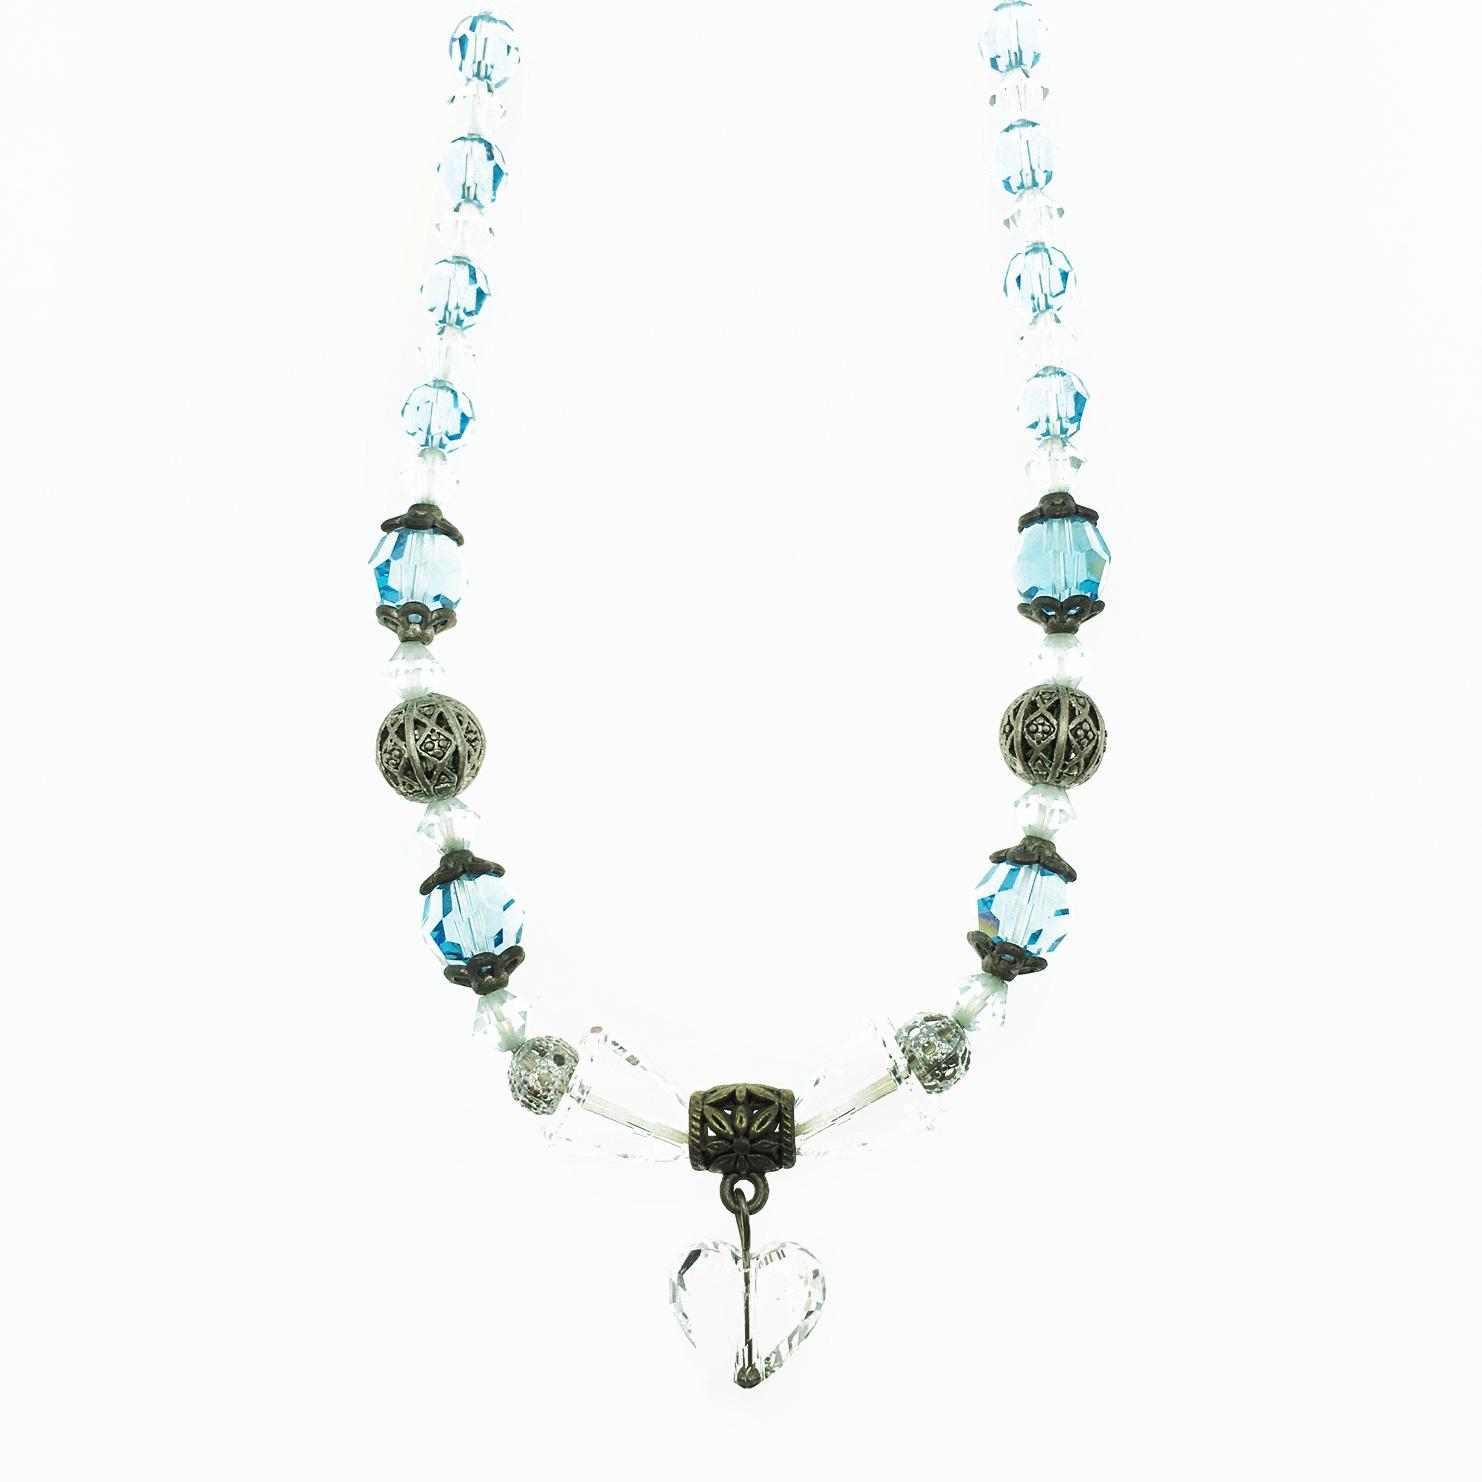 透明愛心 水晶 雕刻圖騰 藍白色 項鍊 採用施華洛世奇水晶元素 Crystals from Swarovski